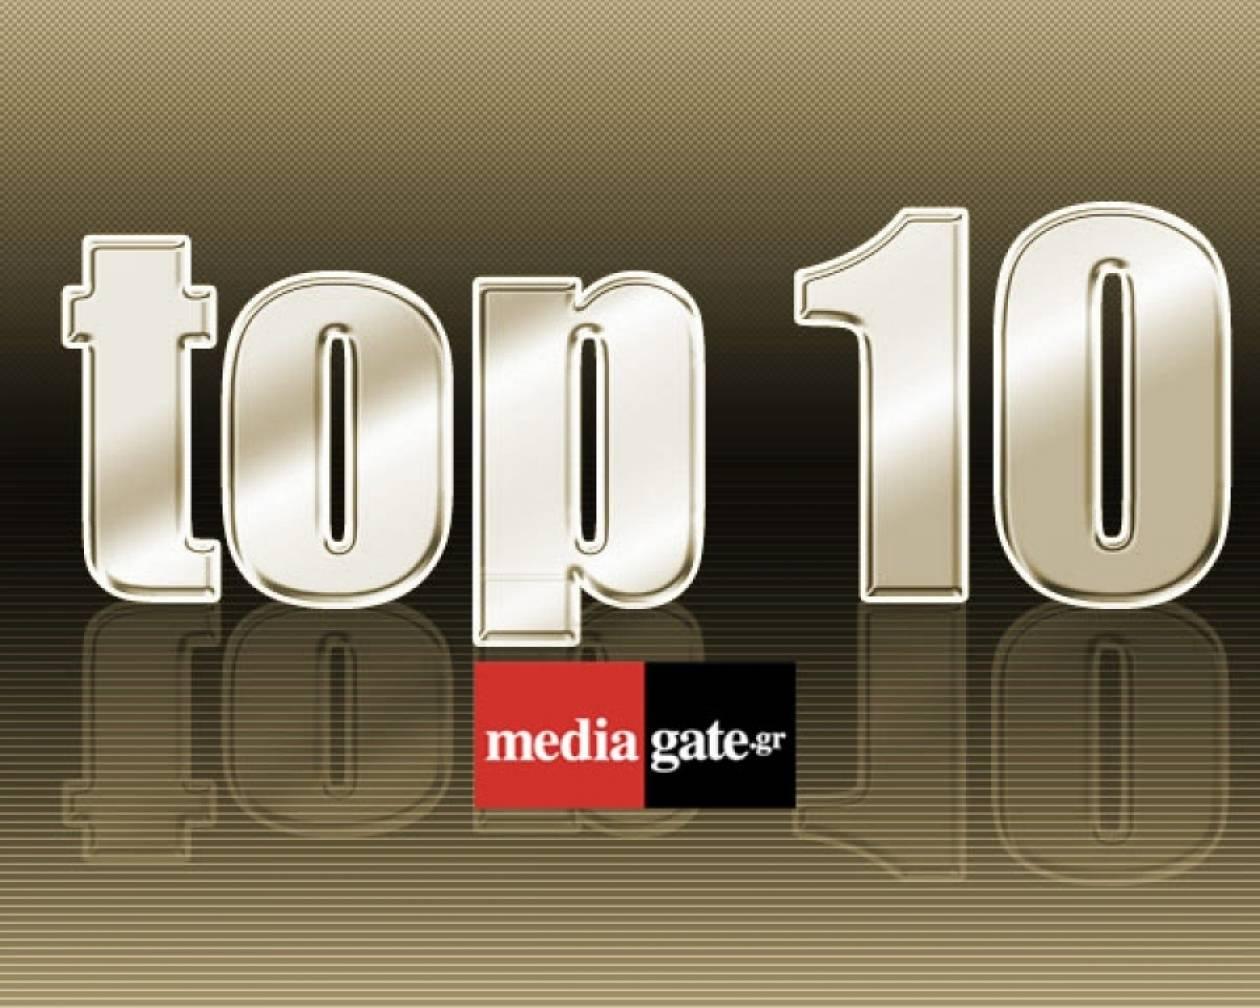 Τα Top 10 προγράμματα για χθες 9/10